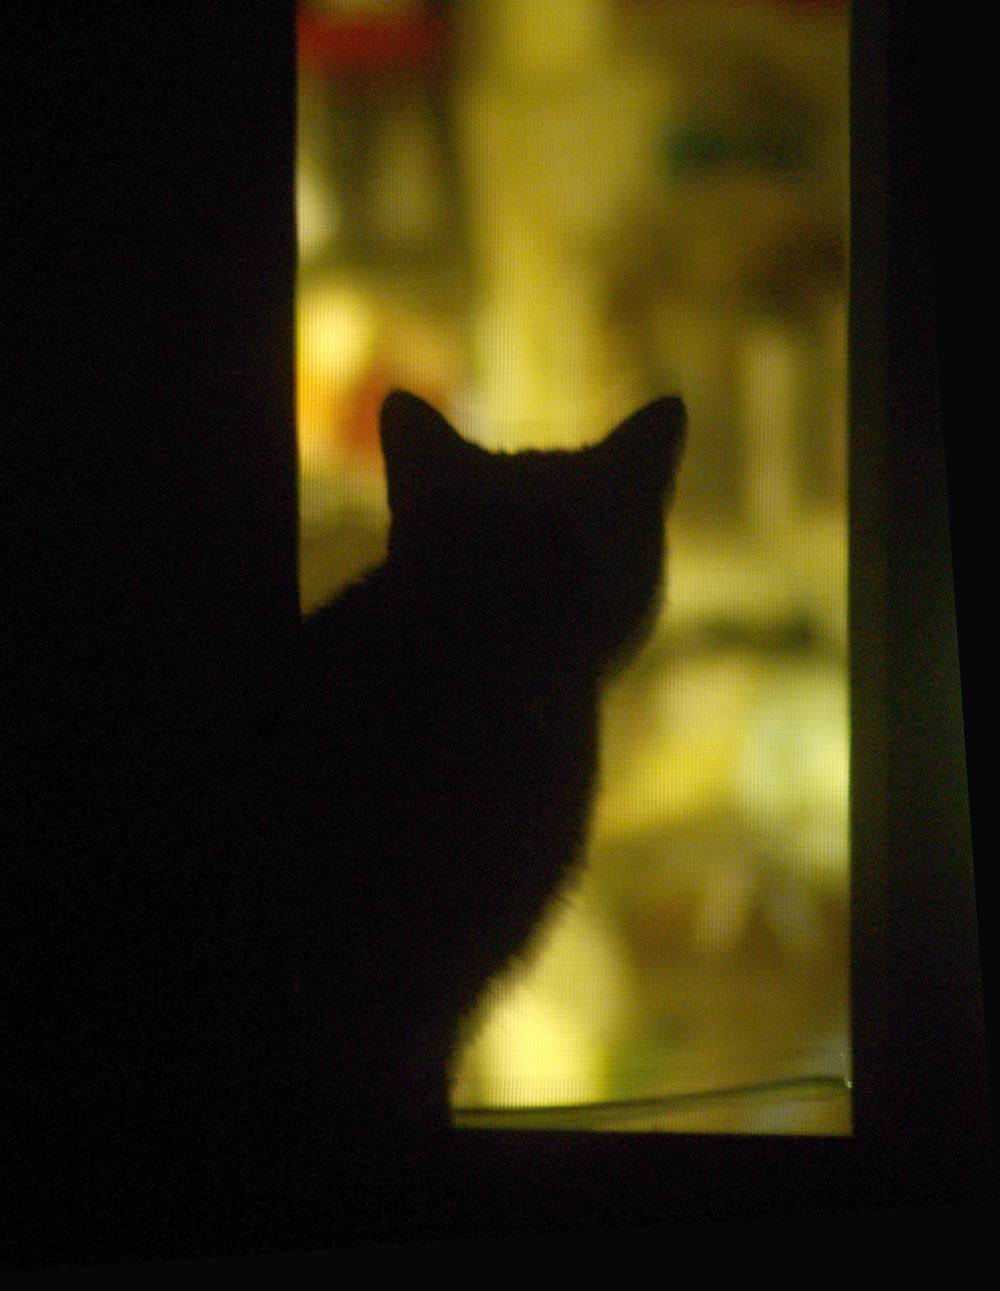 cat silhouette in window